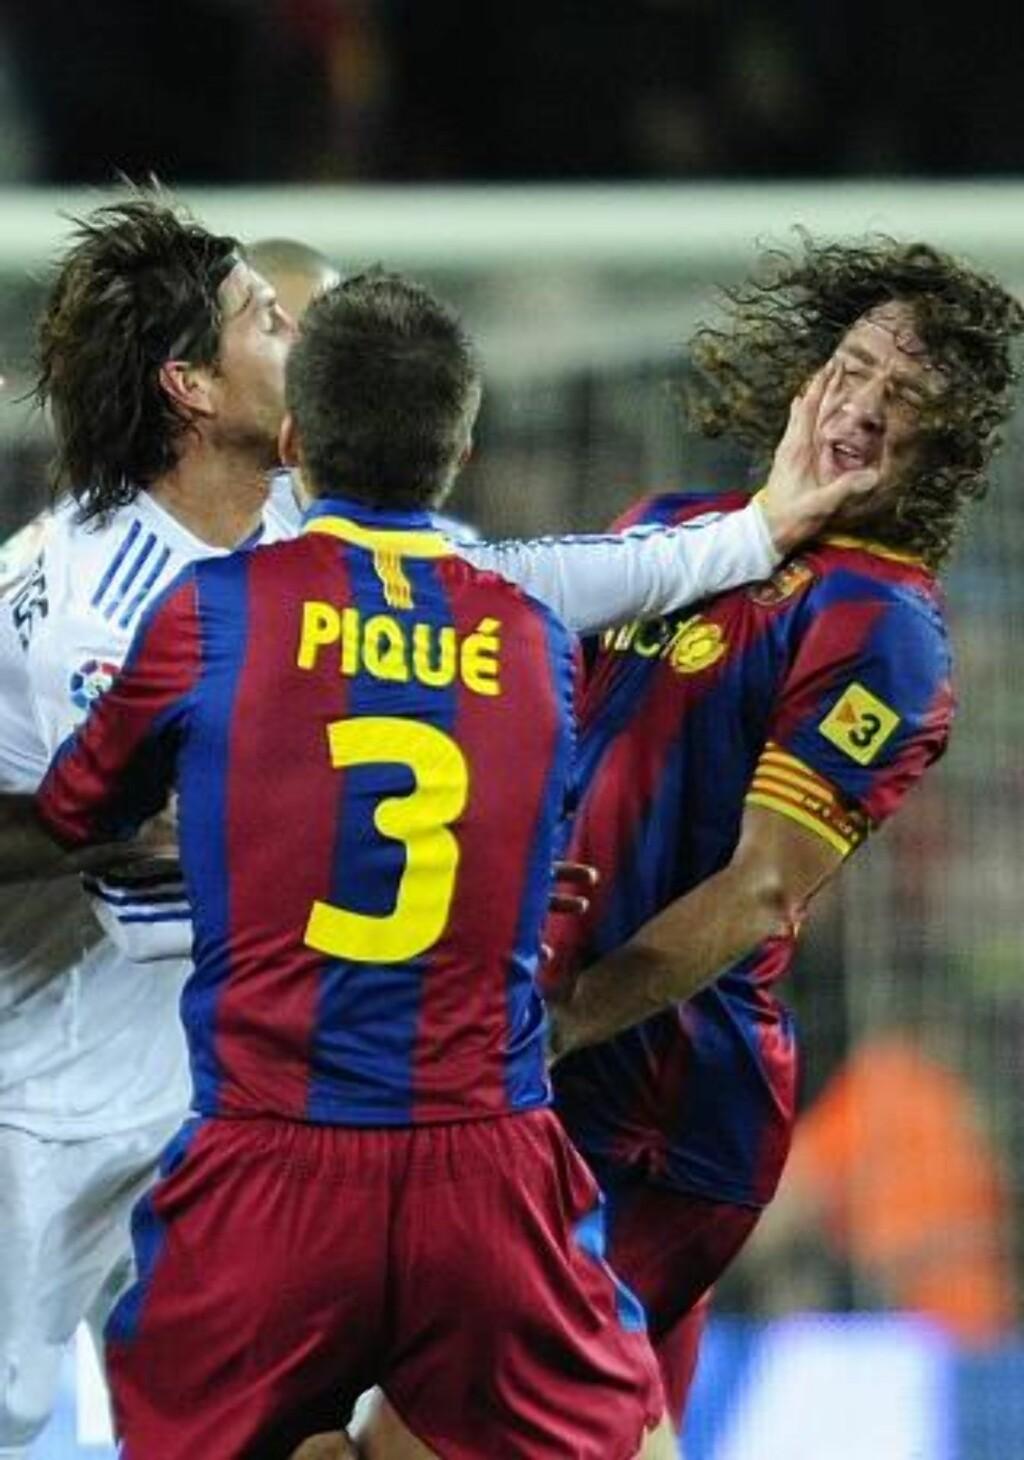 ALLEREDE RØDT: Dommeren hadde allerede løftet det røde kortet, da Sergio Ramos plantet hånda rundt kjeven til Carles Puyol. Foto: MANU FERNANDEZ/AP